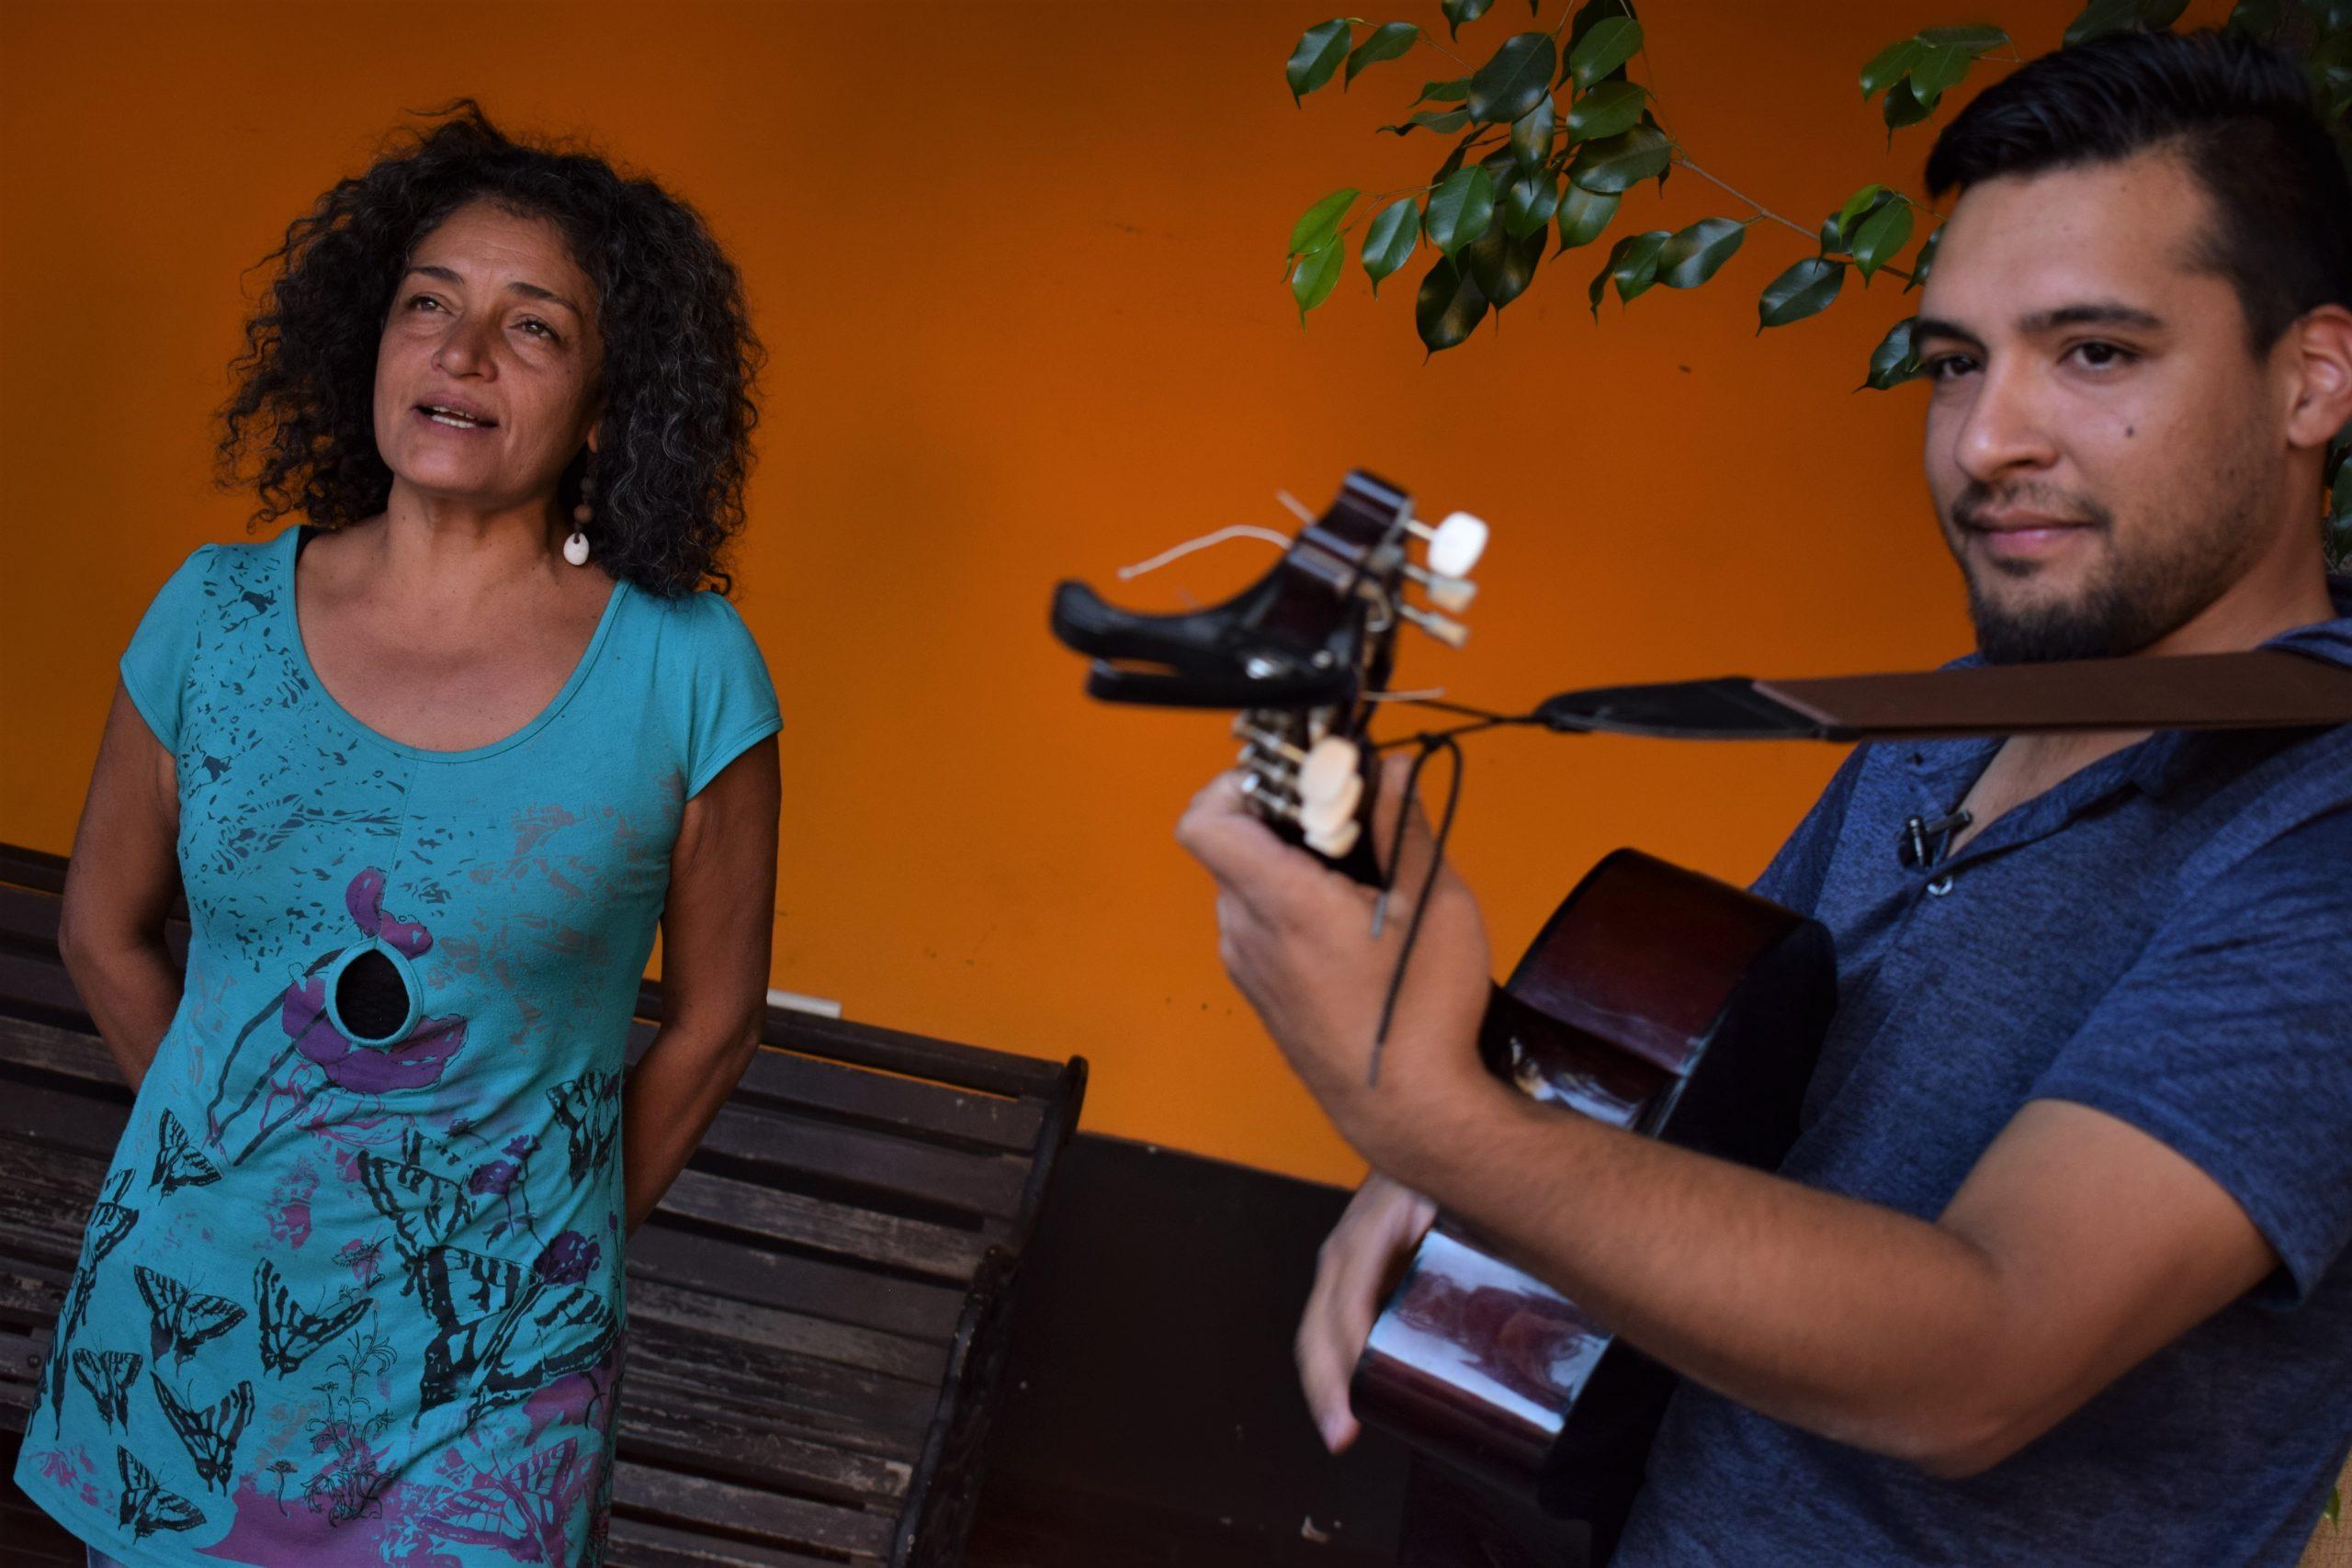 «Enlace Cultural» en julio: registros patrimoniales, talleres y sesiones musicales son parte de las nuevas exhibiciones